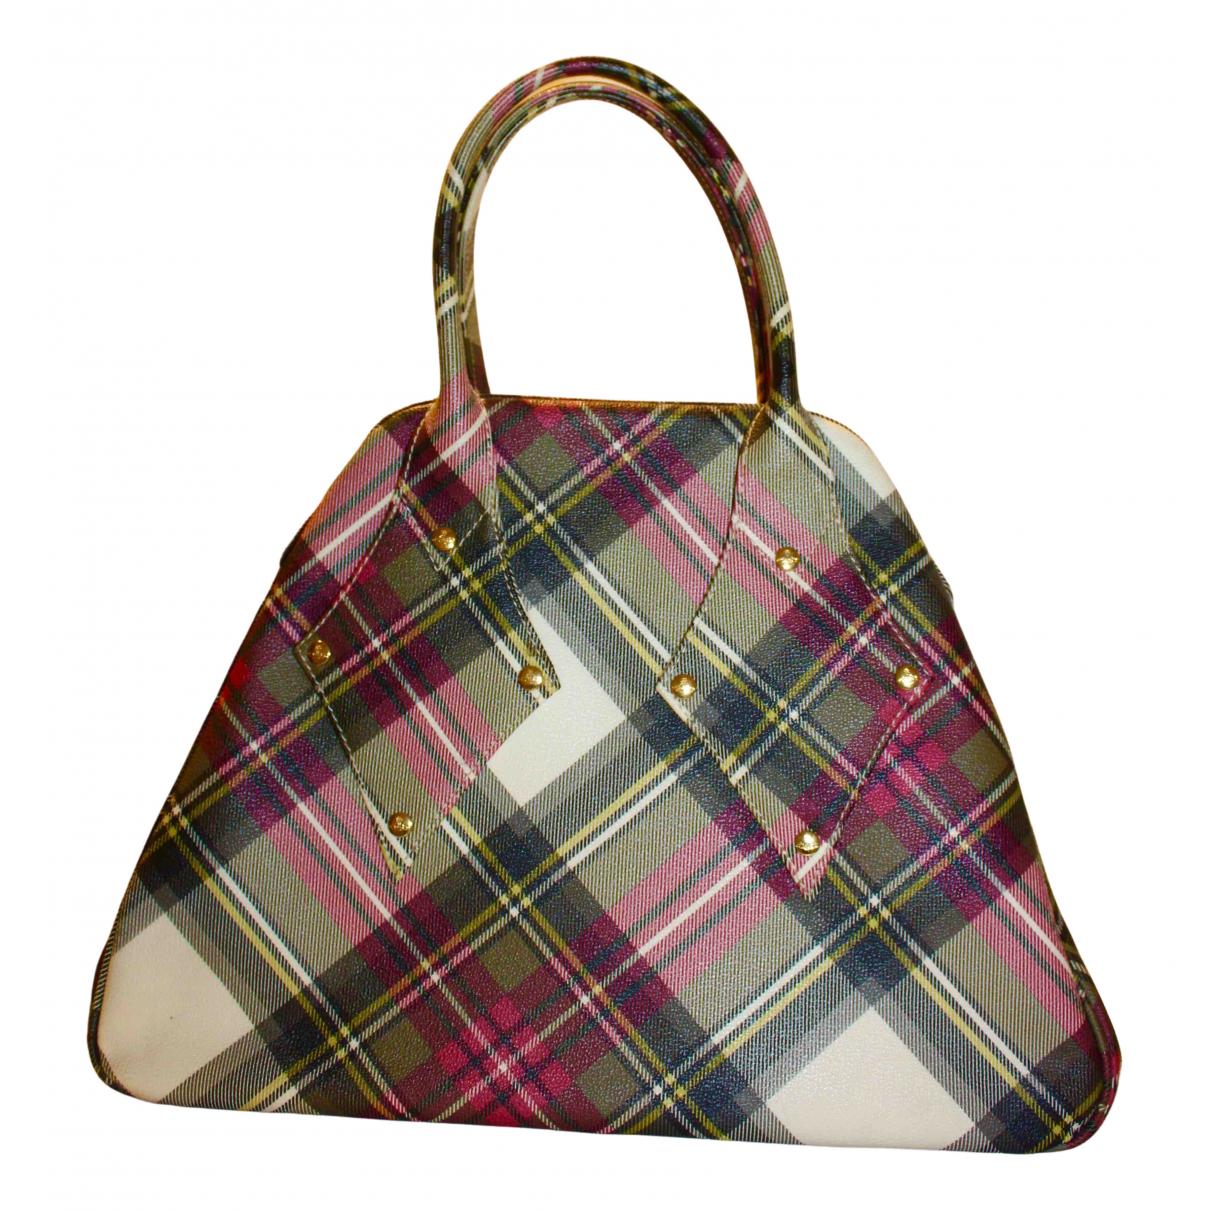 Vivienne Westwood \N Handtasche in  Bunt Polyester